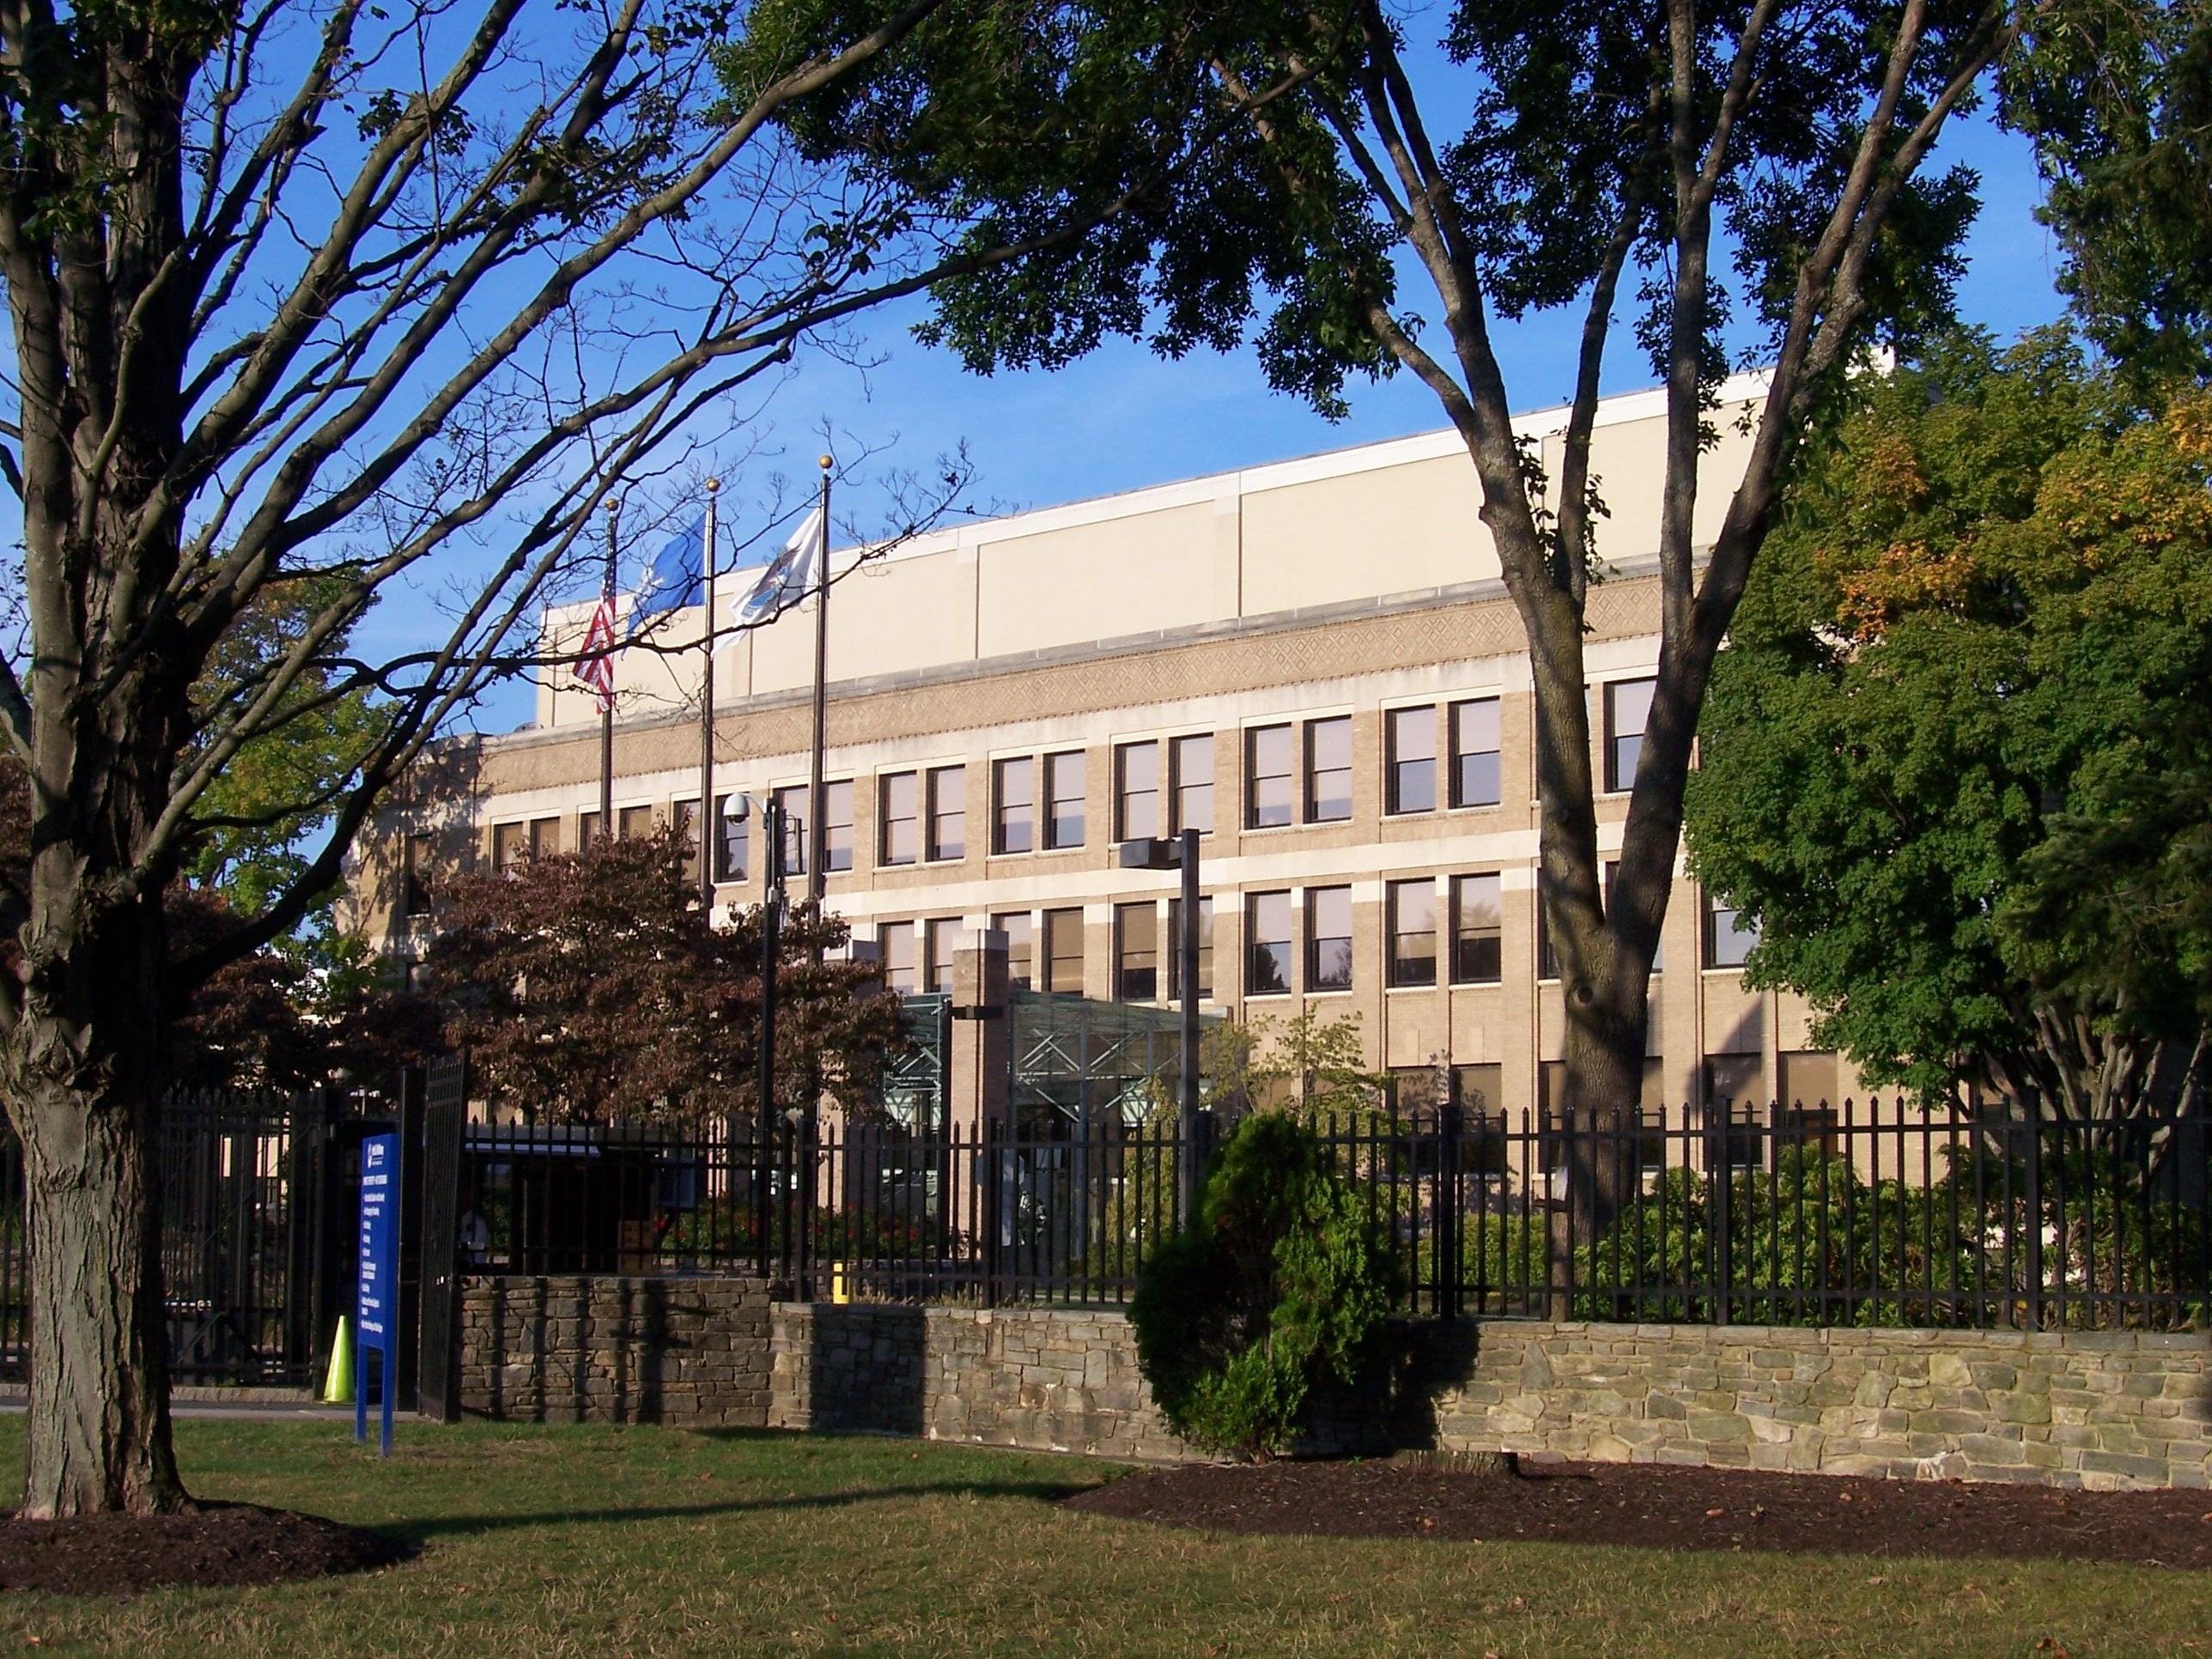 Pratt & Whitney - Wikipedia